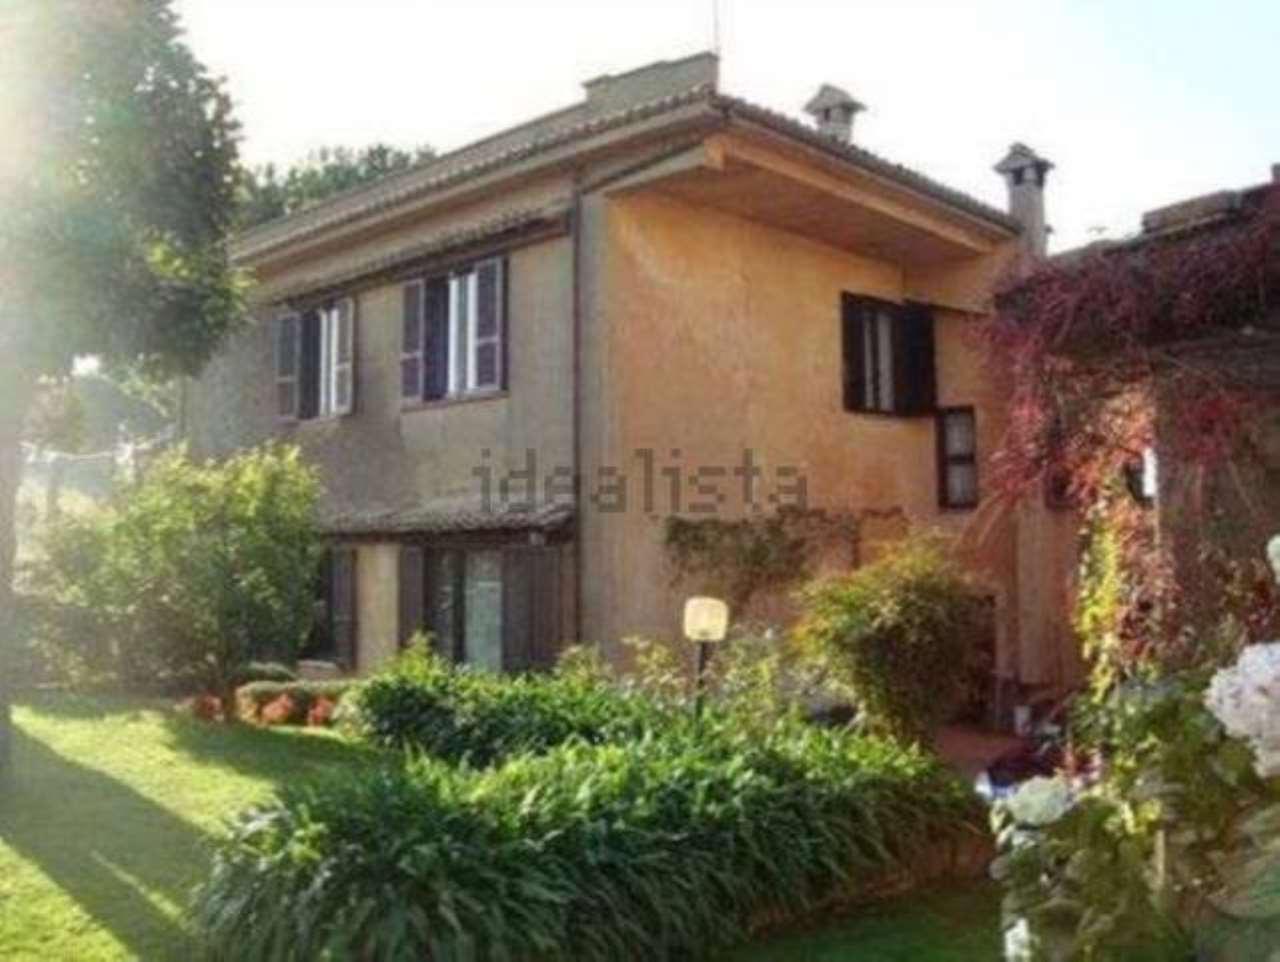 Rustico / Casale in vendita a Albano Laziale, 4 locali, prezzo € 430.000 | CambioCasa.it